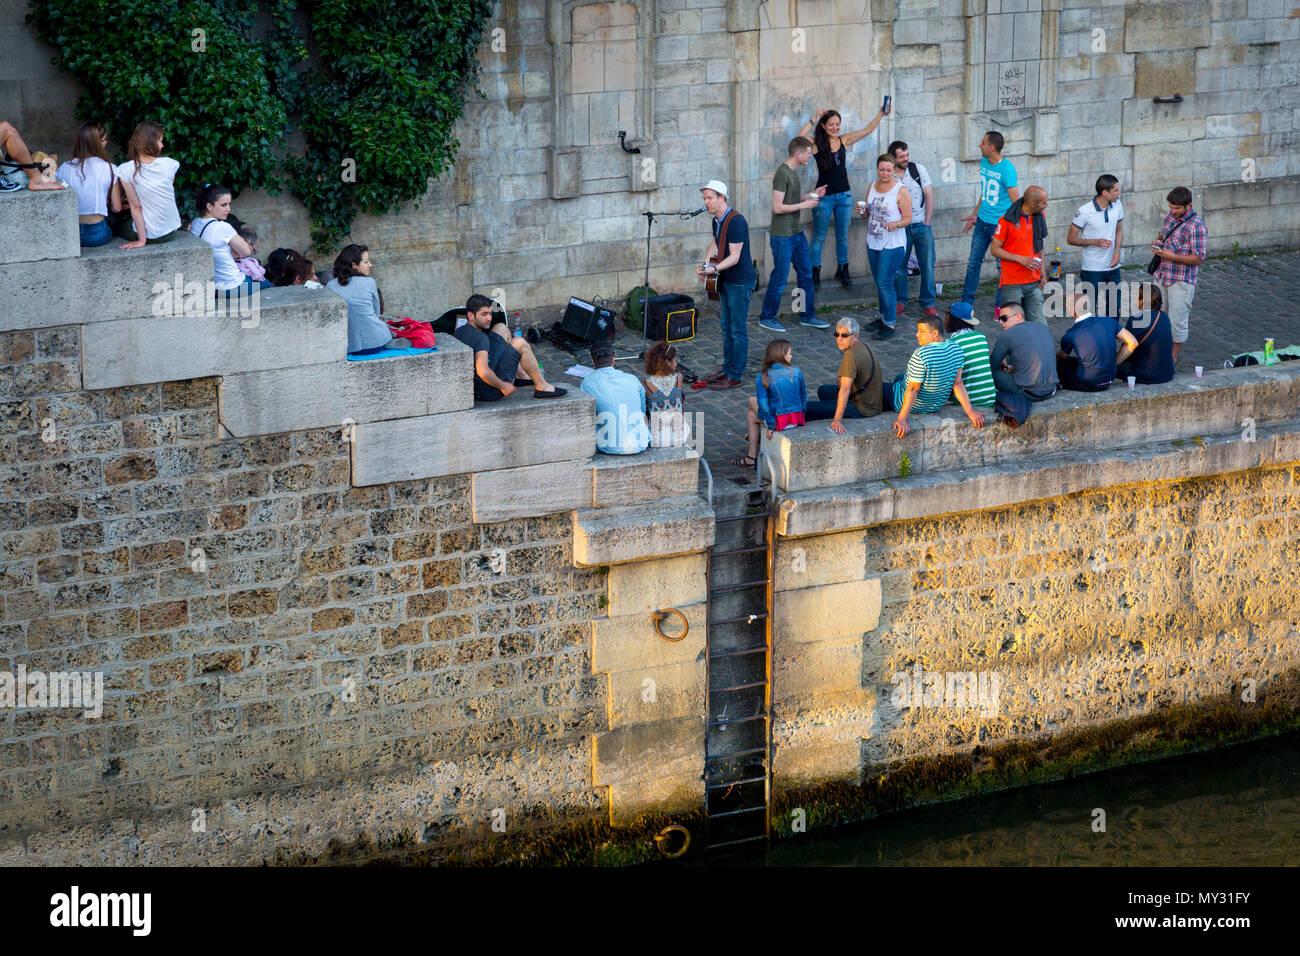 Parisians along River Seine celebrate Fête de la Musique - annual city-wide music festival each June 21st, Paris, France - Stock Image